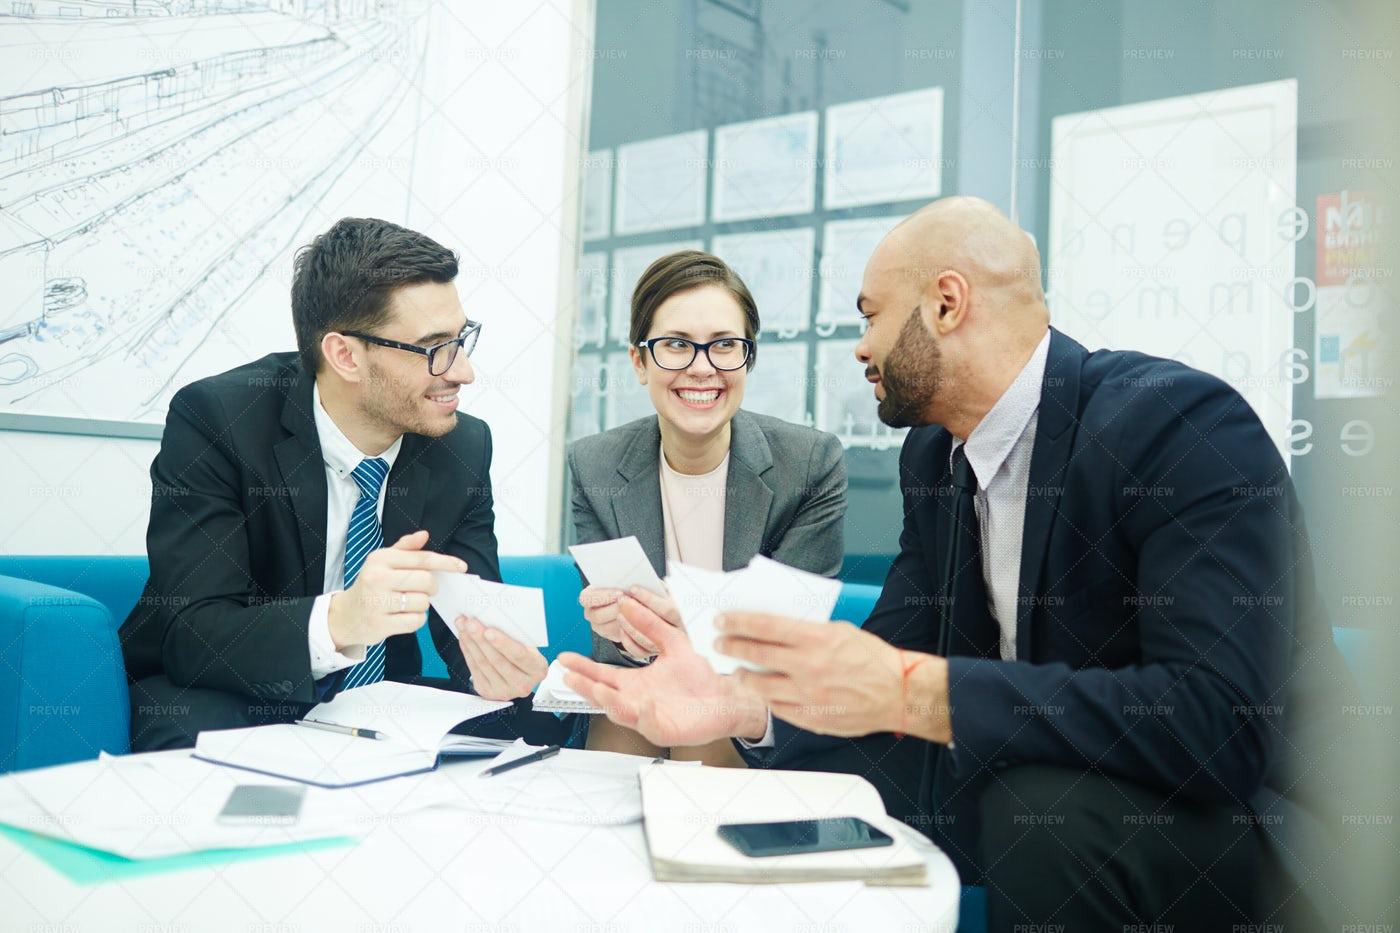 Start-up Meeting: Stock Photos